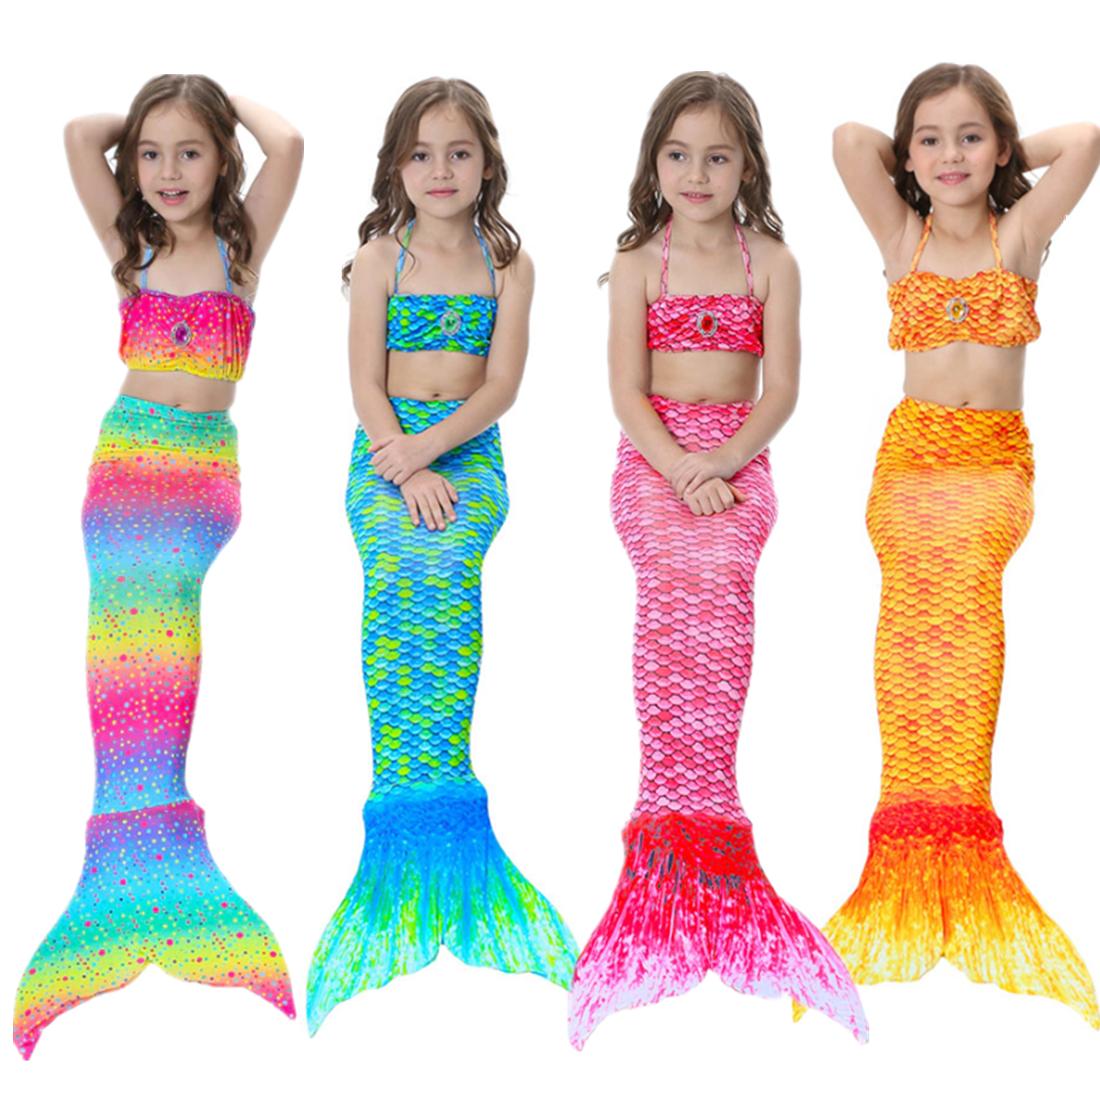 Kids Girls Mermaid Tail Bikini Swimsuit Costume swimwear 3 Pcs Set 3-12 Years